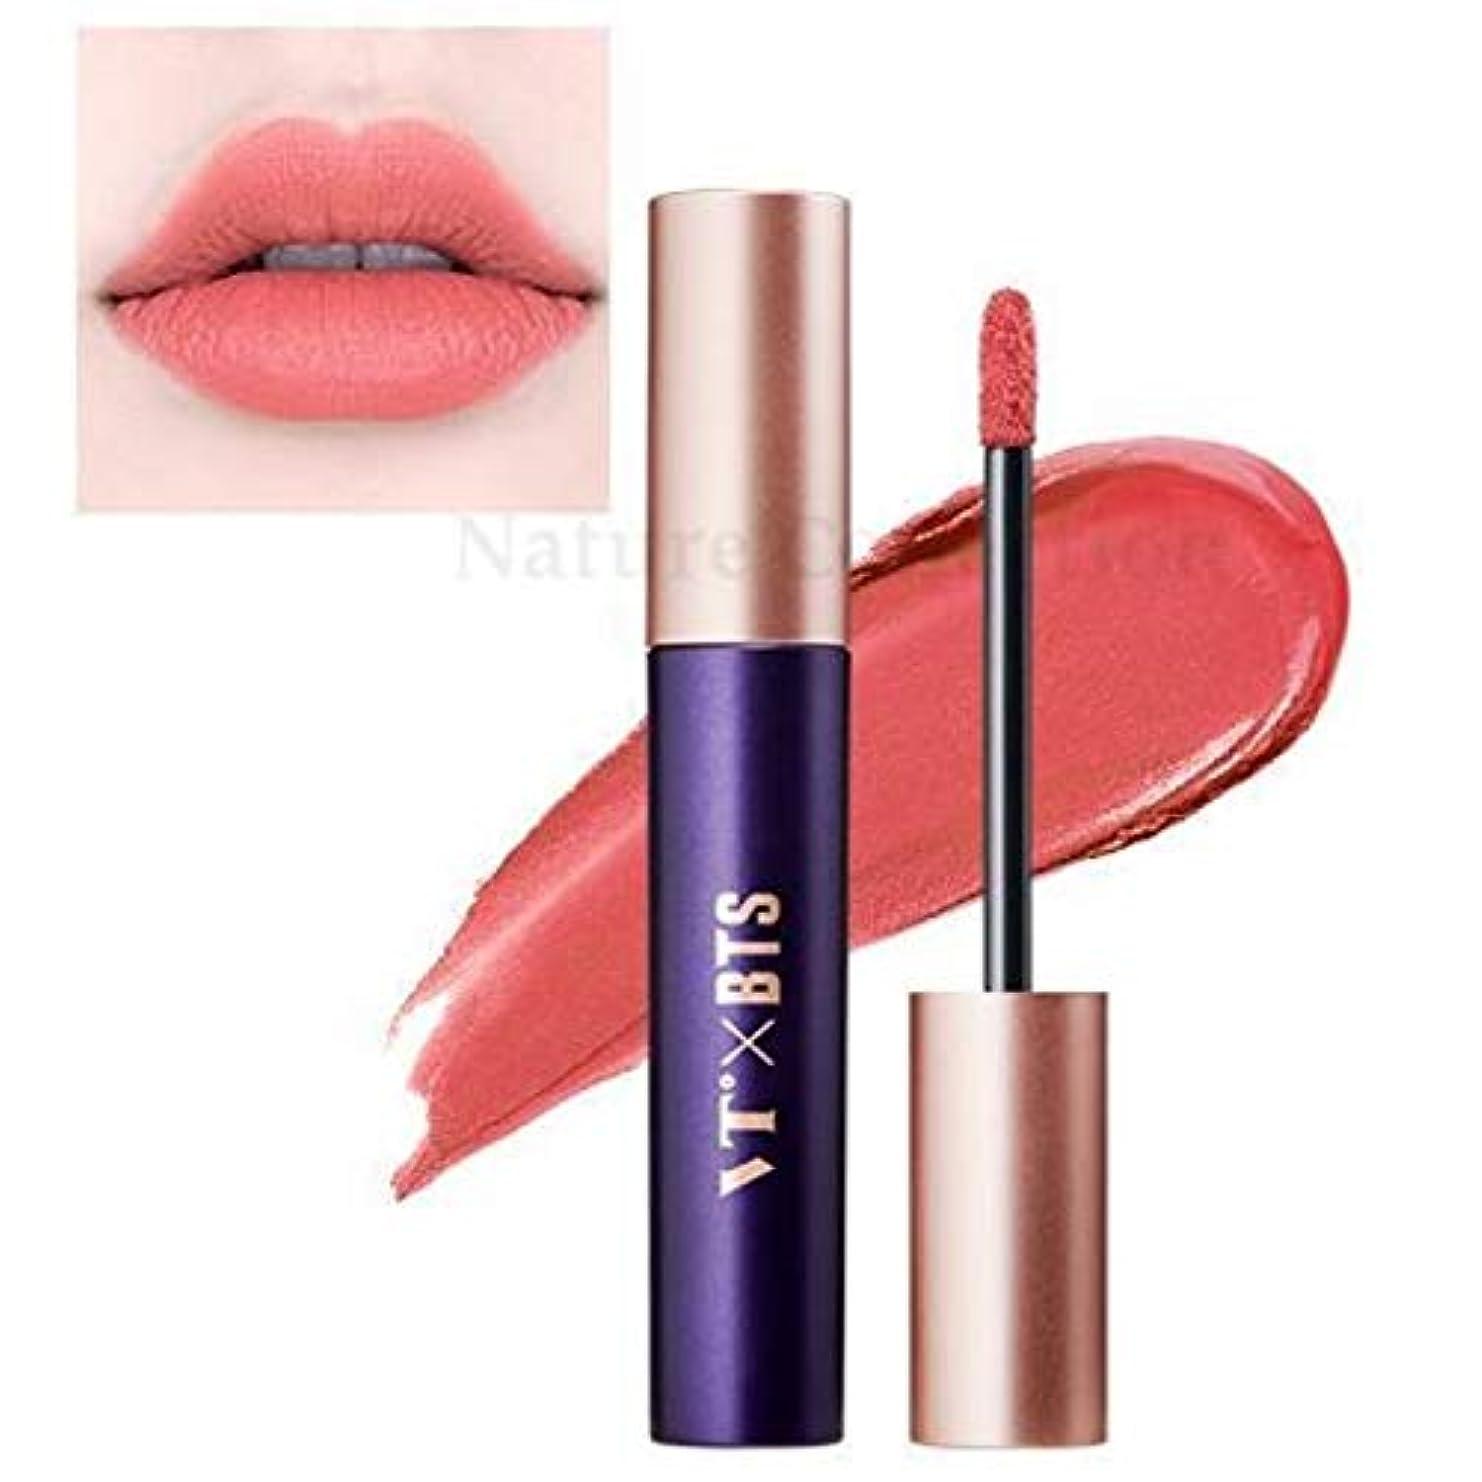 超高層ビル下線ボルトVT X BTS Super Tempting Lip Rouge / スーパーテンプティング リップルージュ (4ml) / BTS コラボ (04.Lovesick) [並行輸入品]